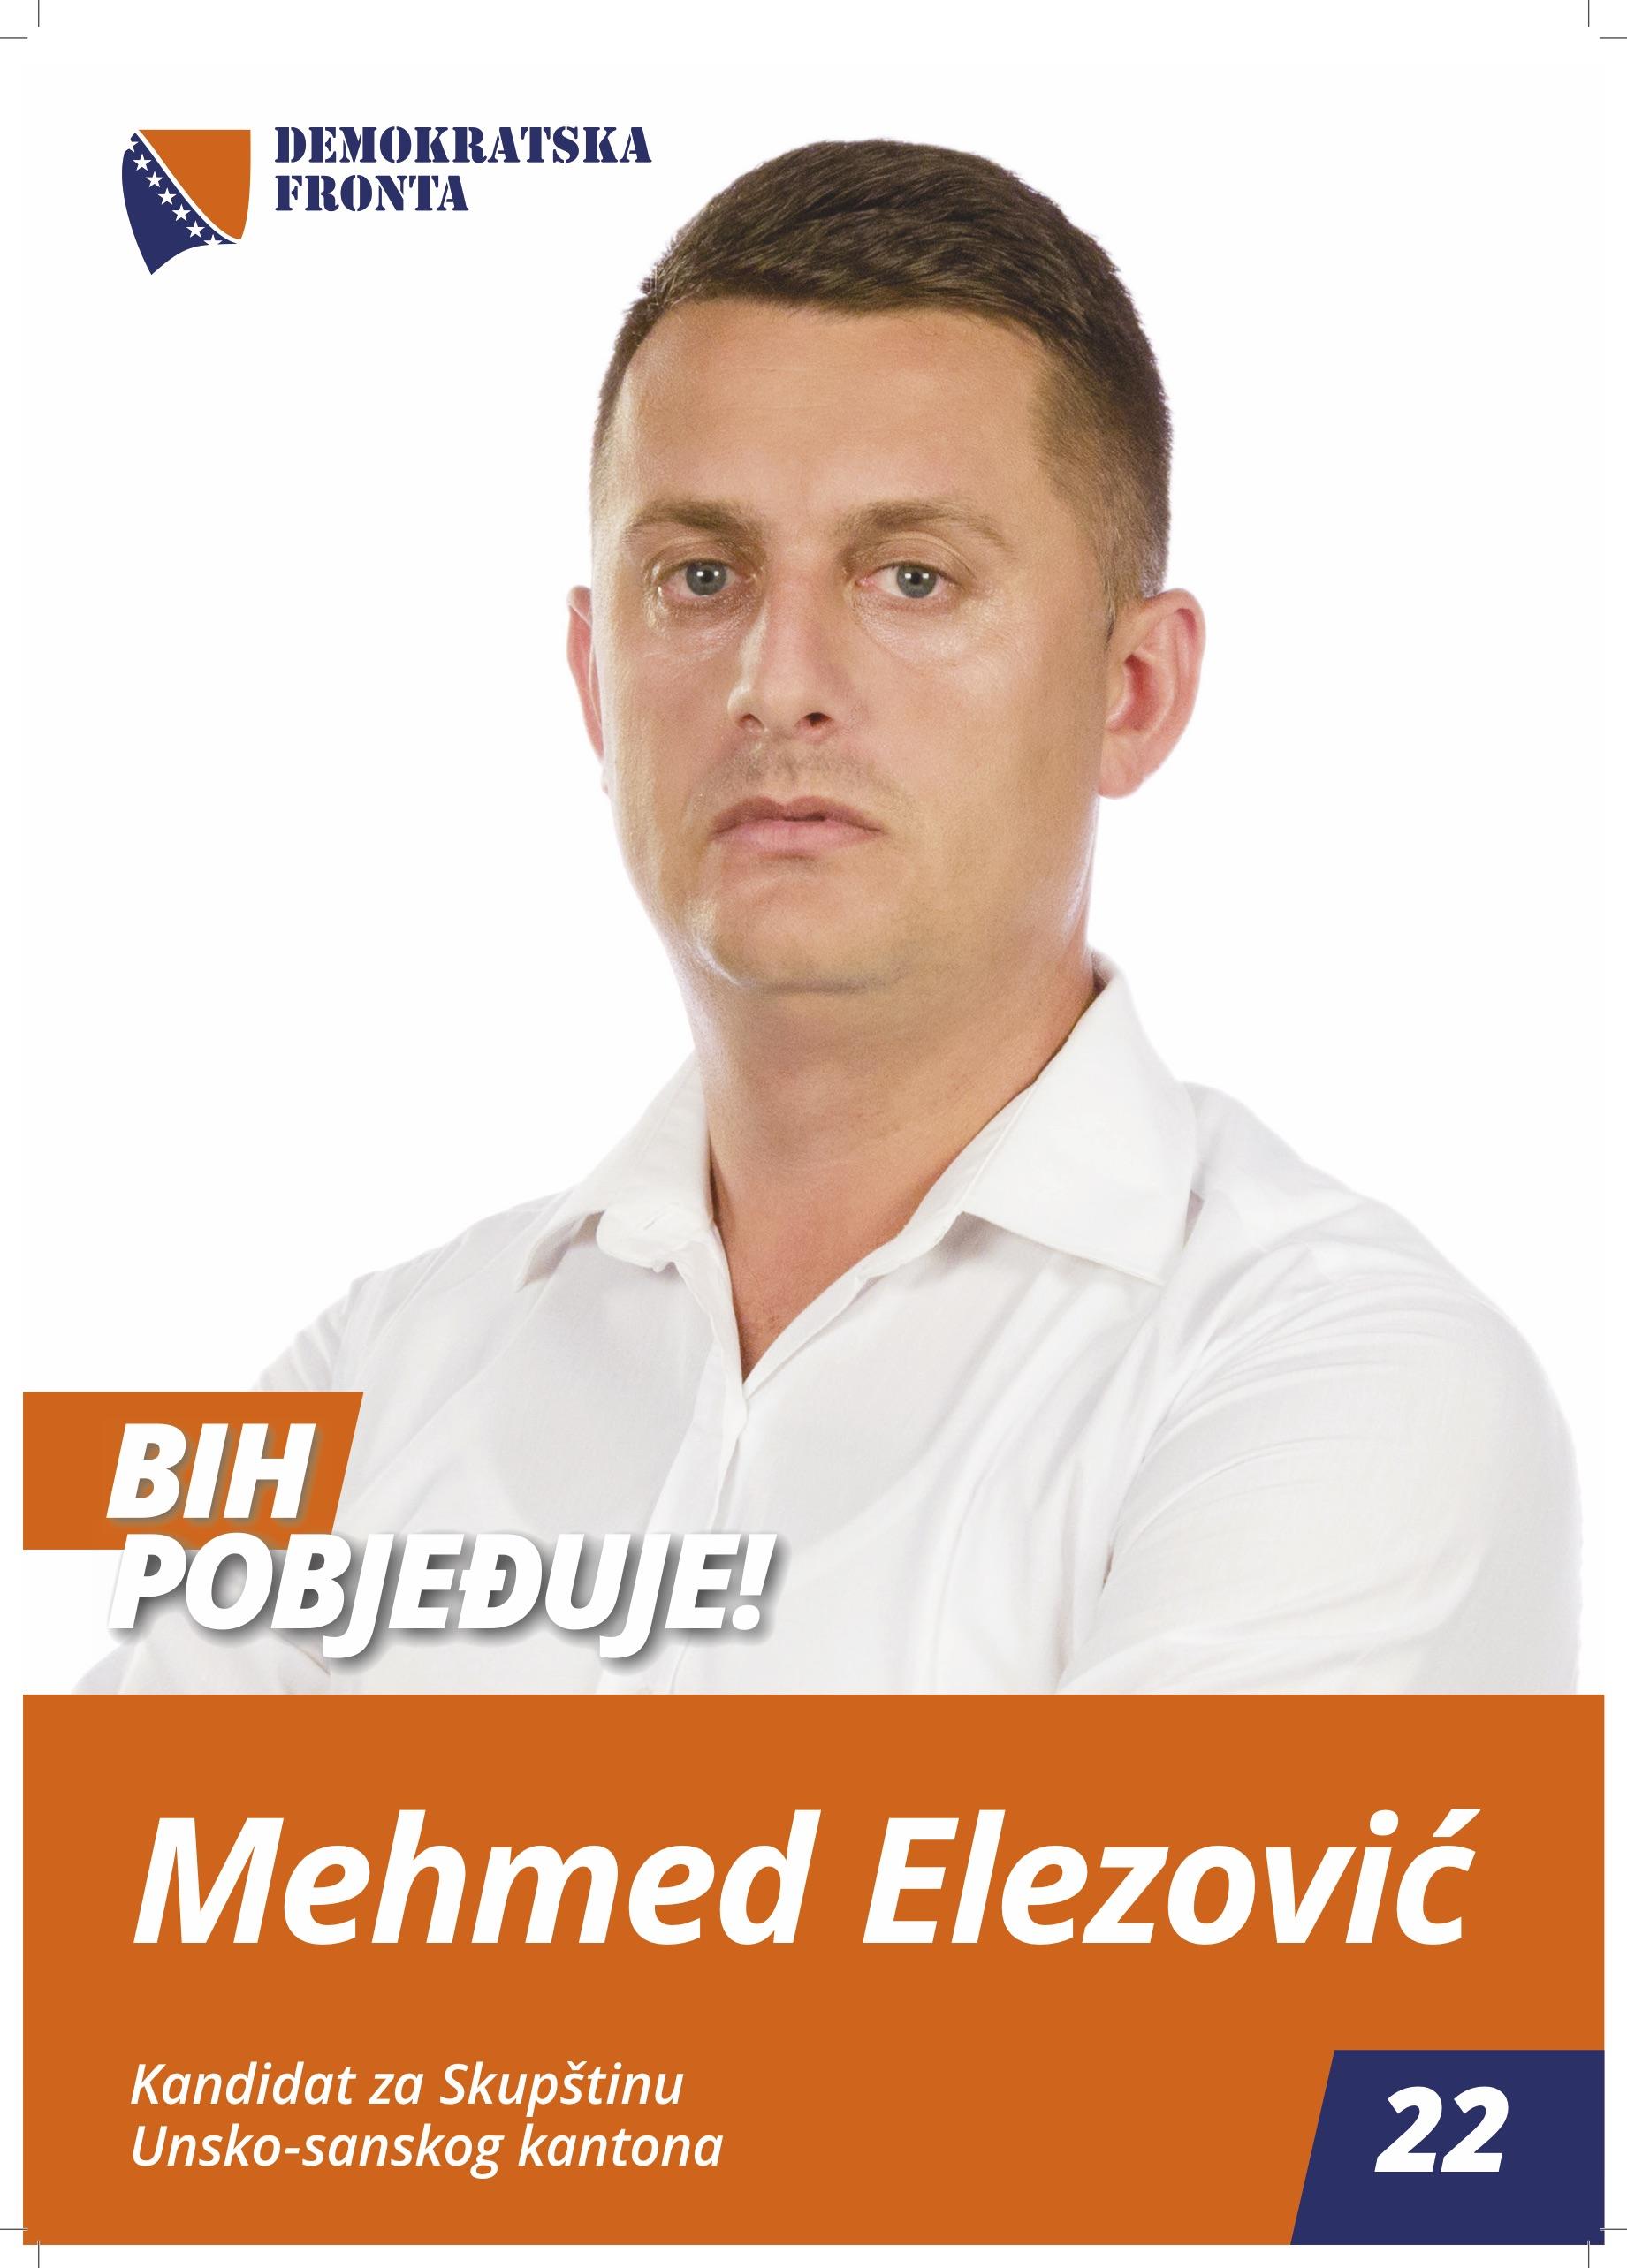 Mehmed Elezović, doktor medicine